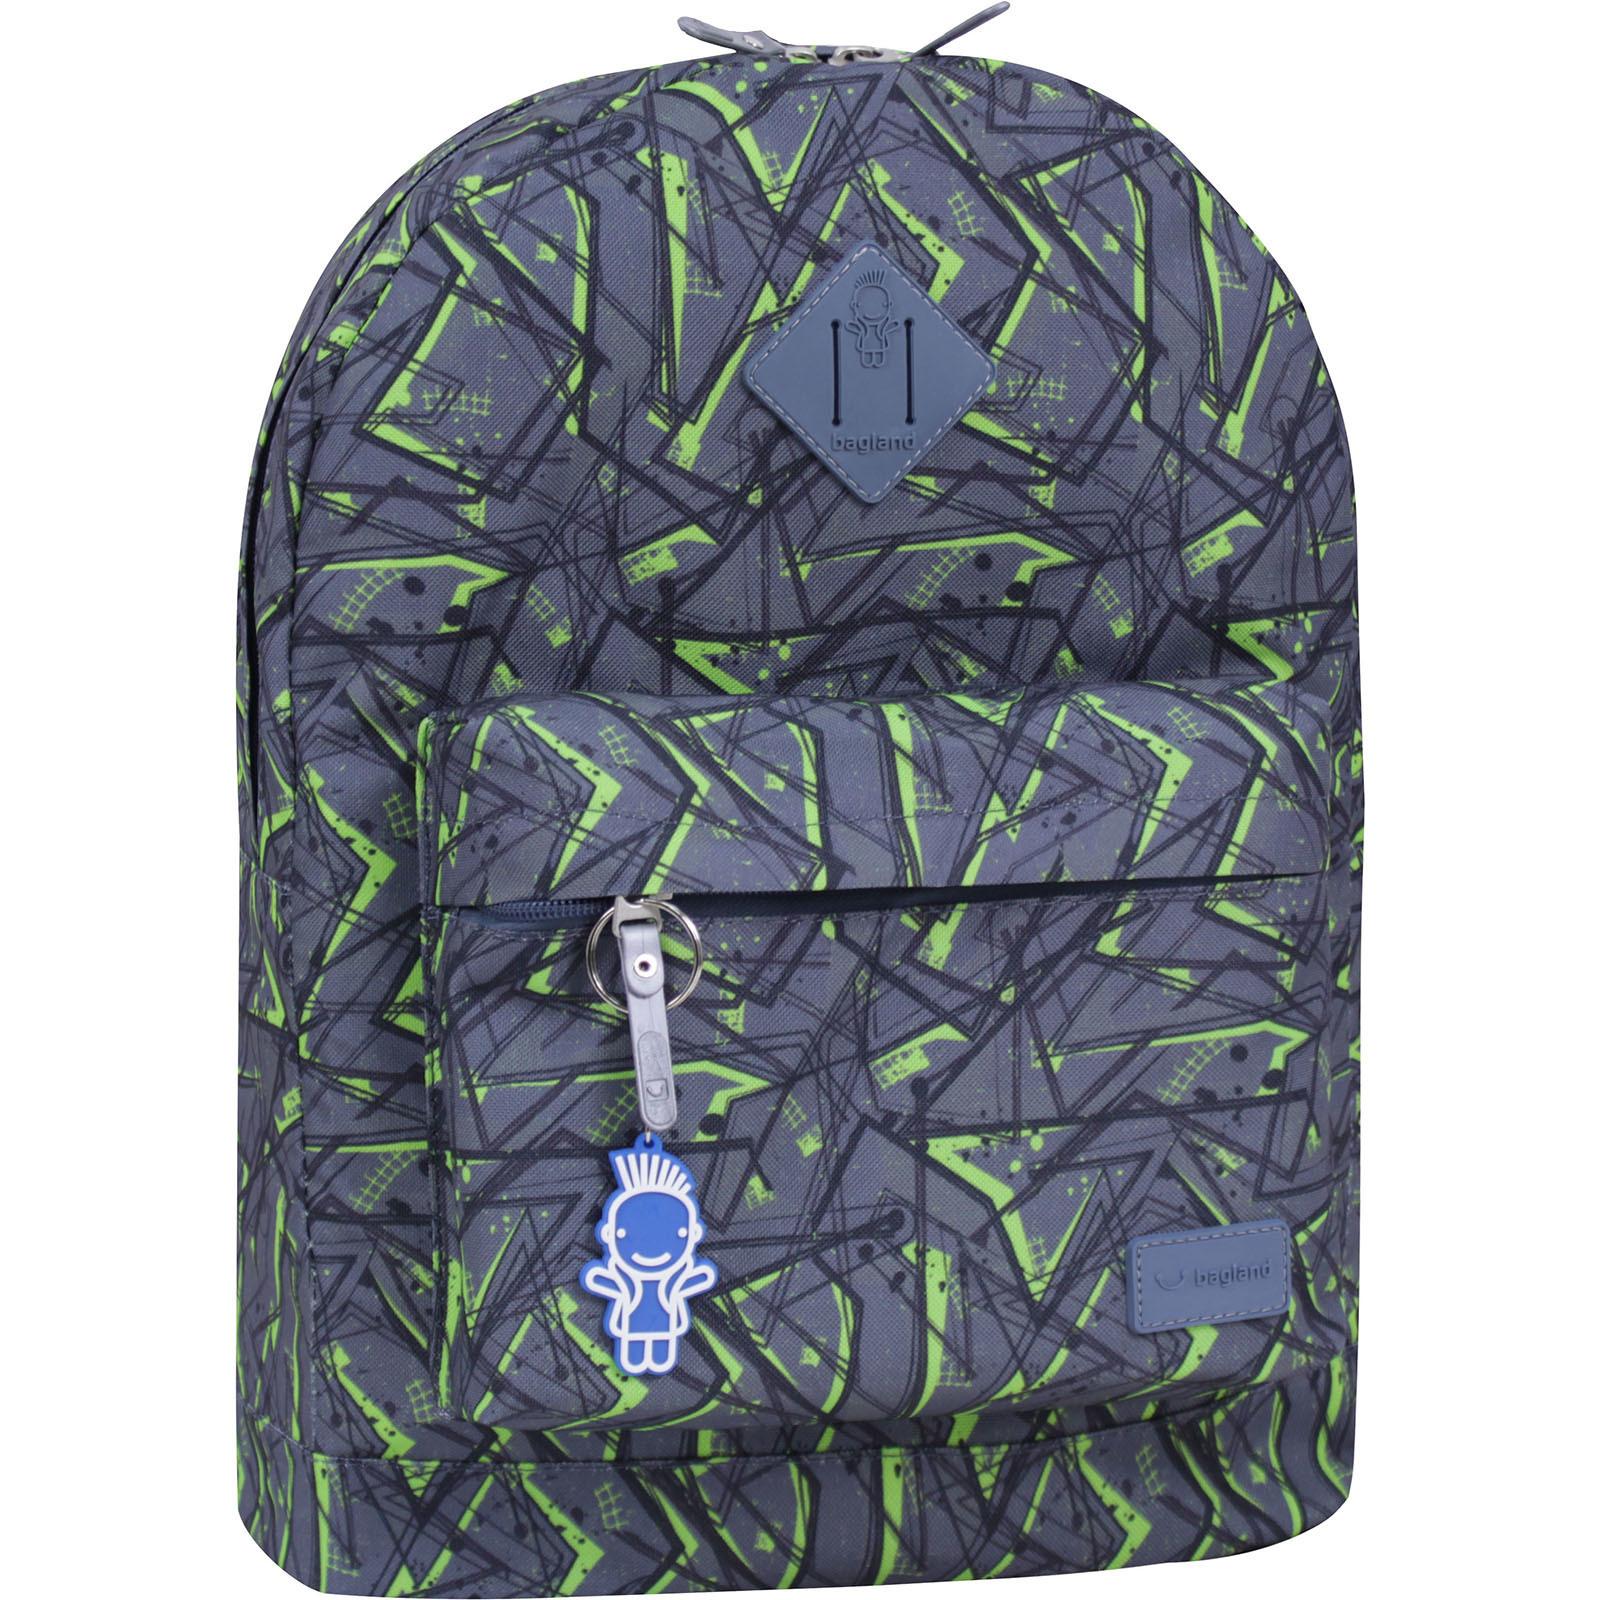 Средние рюкзаки Рюкзак Bagland Молодежный 17 л. сублимация 294 (00533664) IMG_8178-00533суб294-1600.jpg